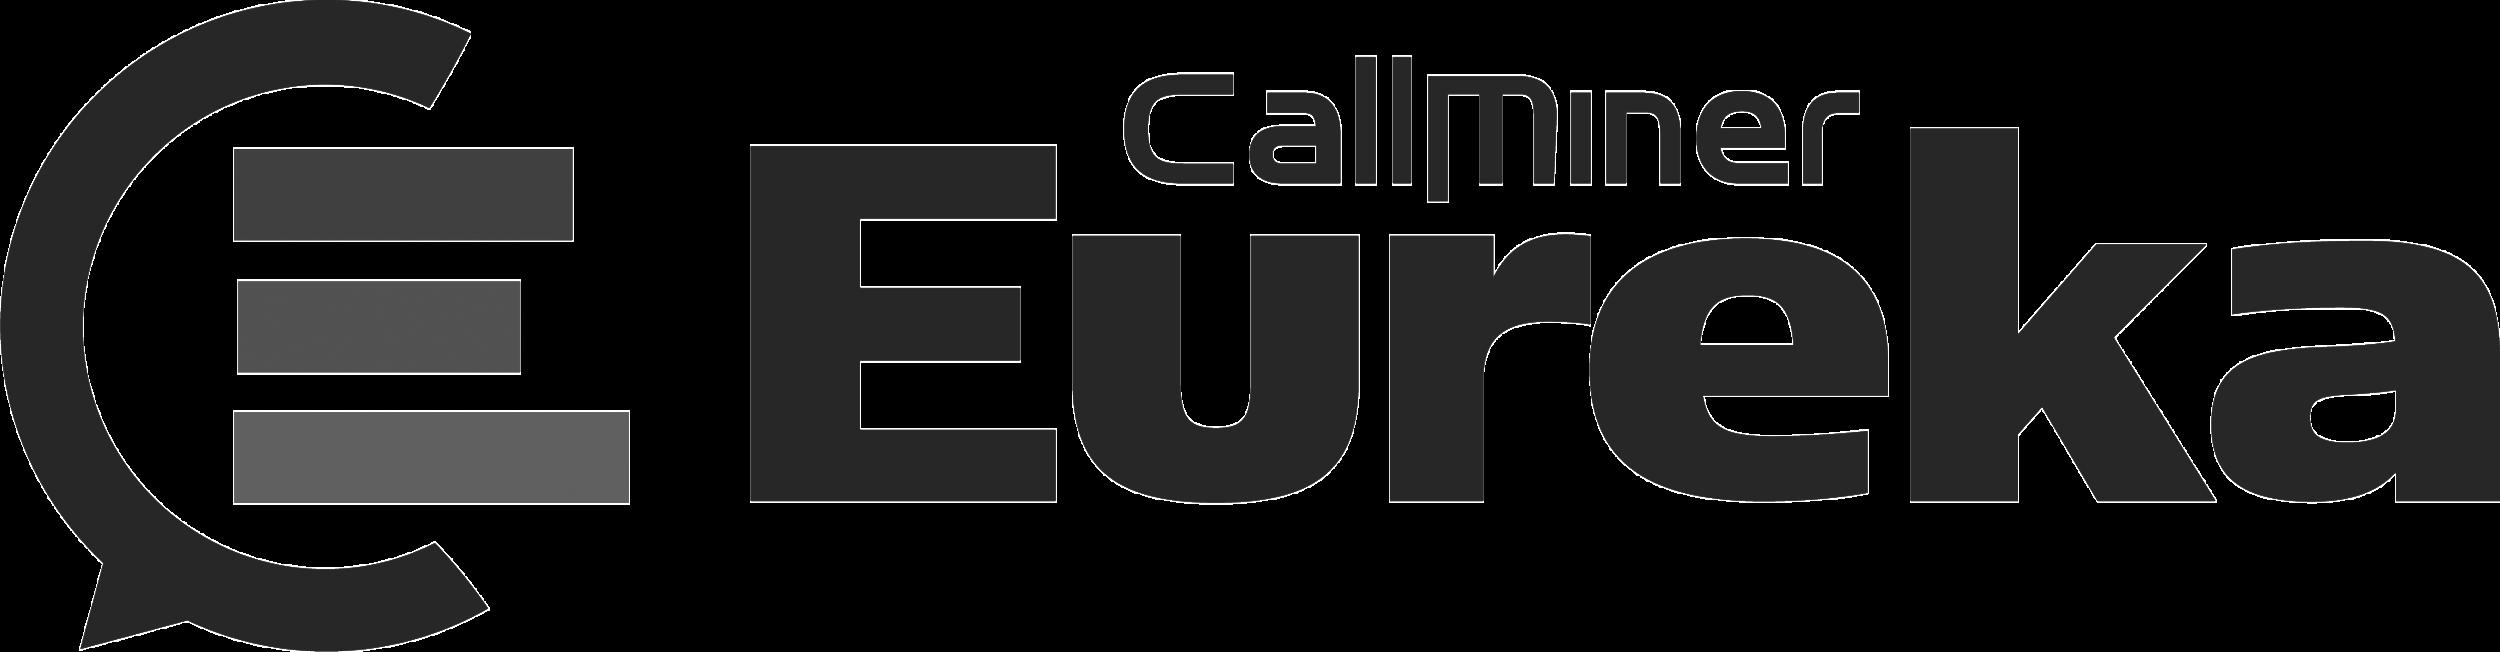 CallMiner Eureka_icon logo_bw.png